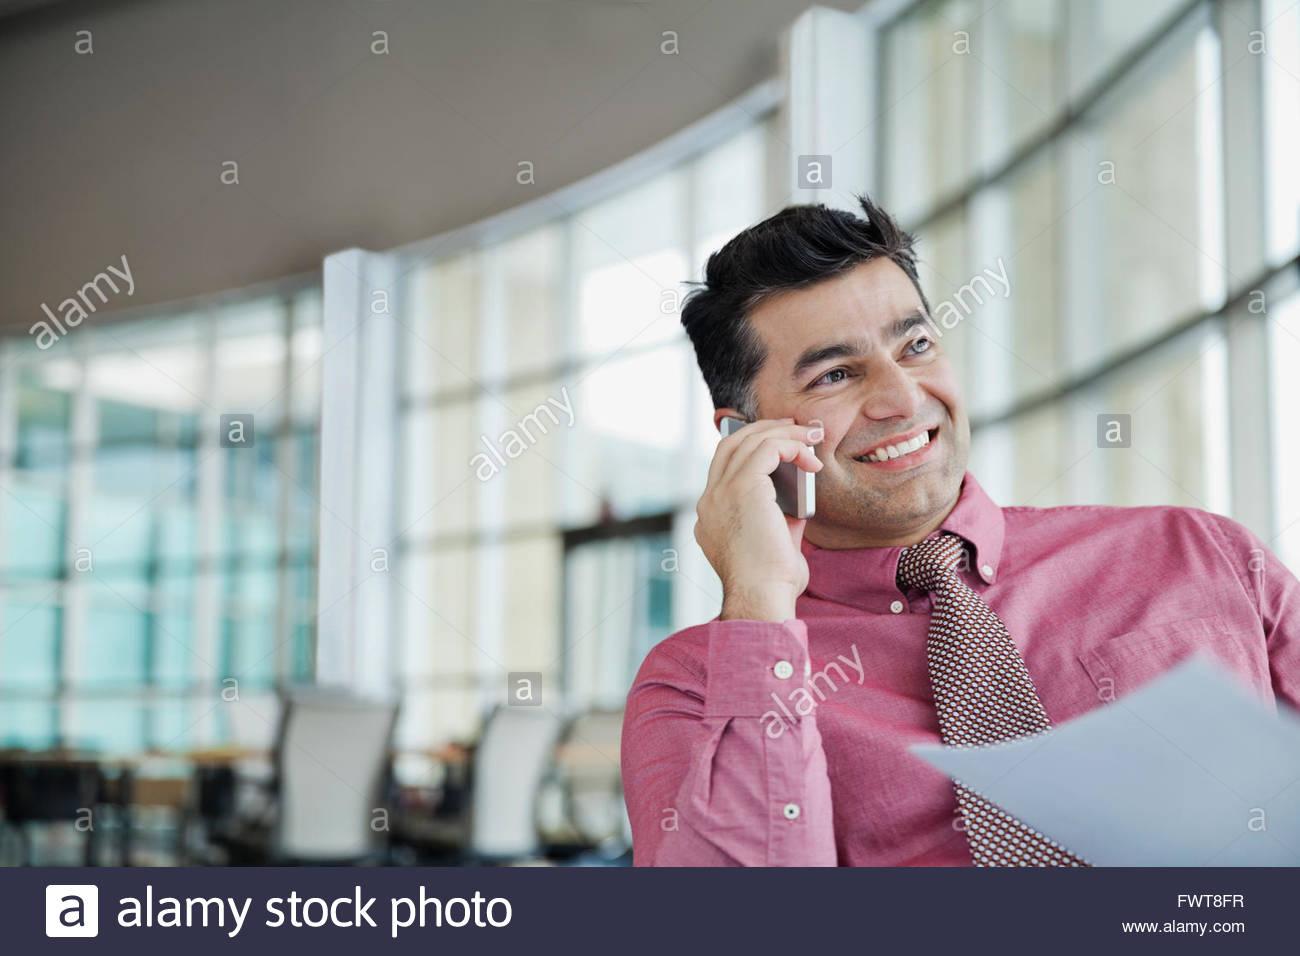 Empresario con documento contestando llamadas telefónicas Imagen De Stock